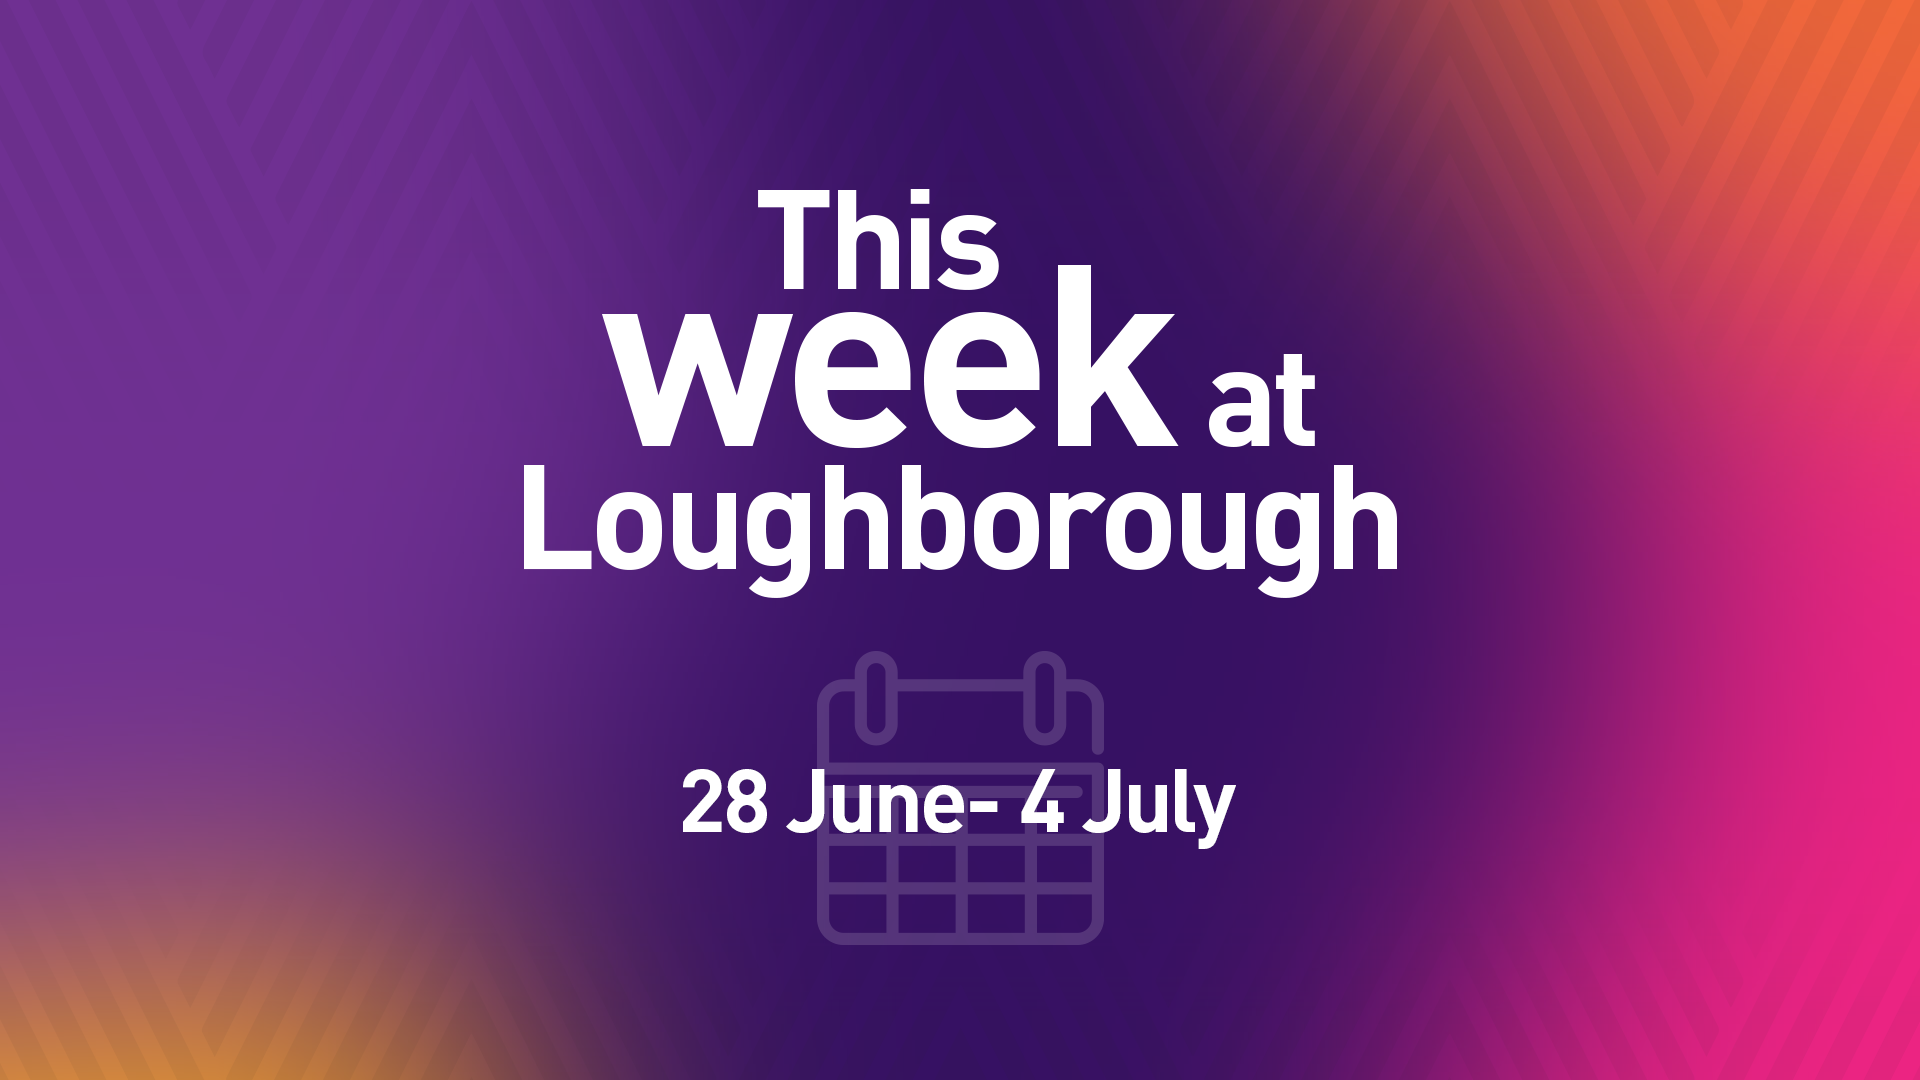 This Week at Loughborough | 28 June